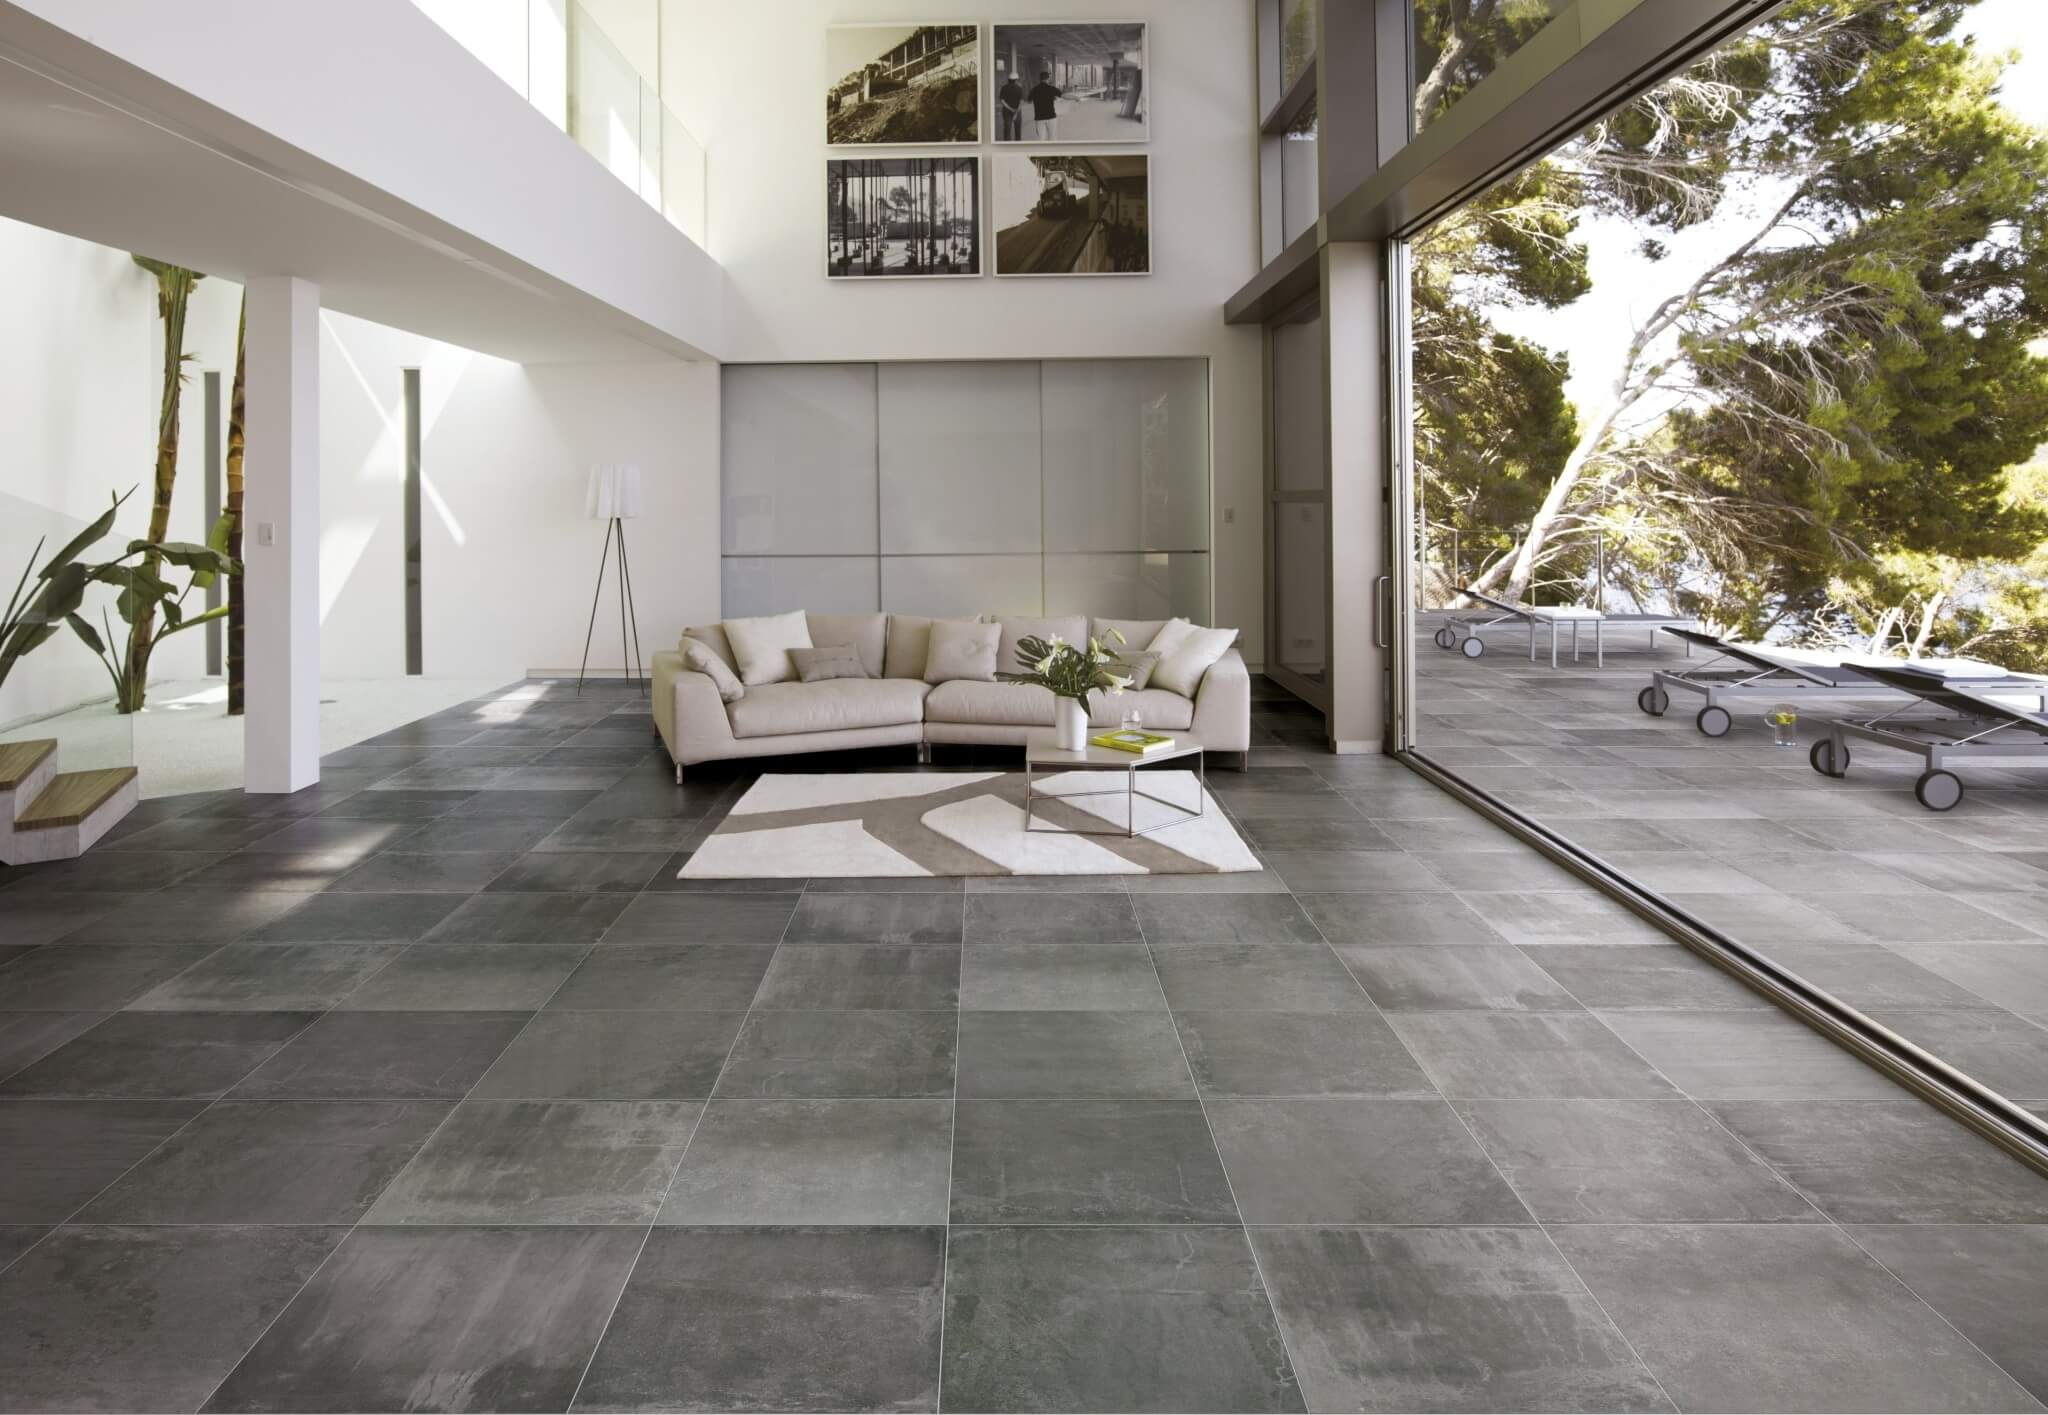 Prachtige antraciet betonlook tegel in modern interieur   Gilbo tegels